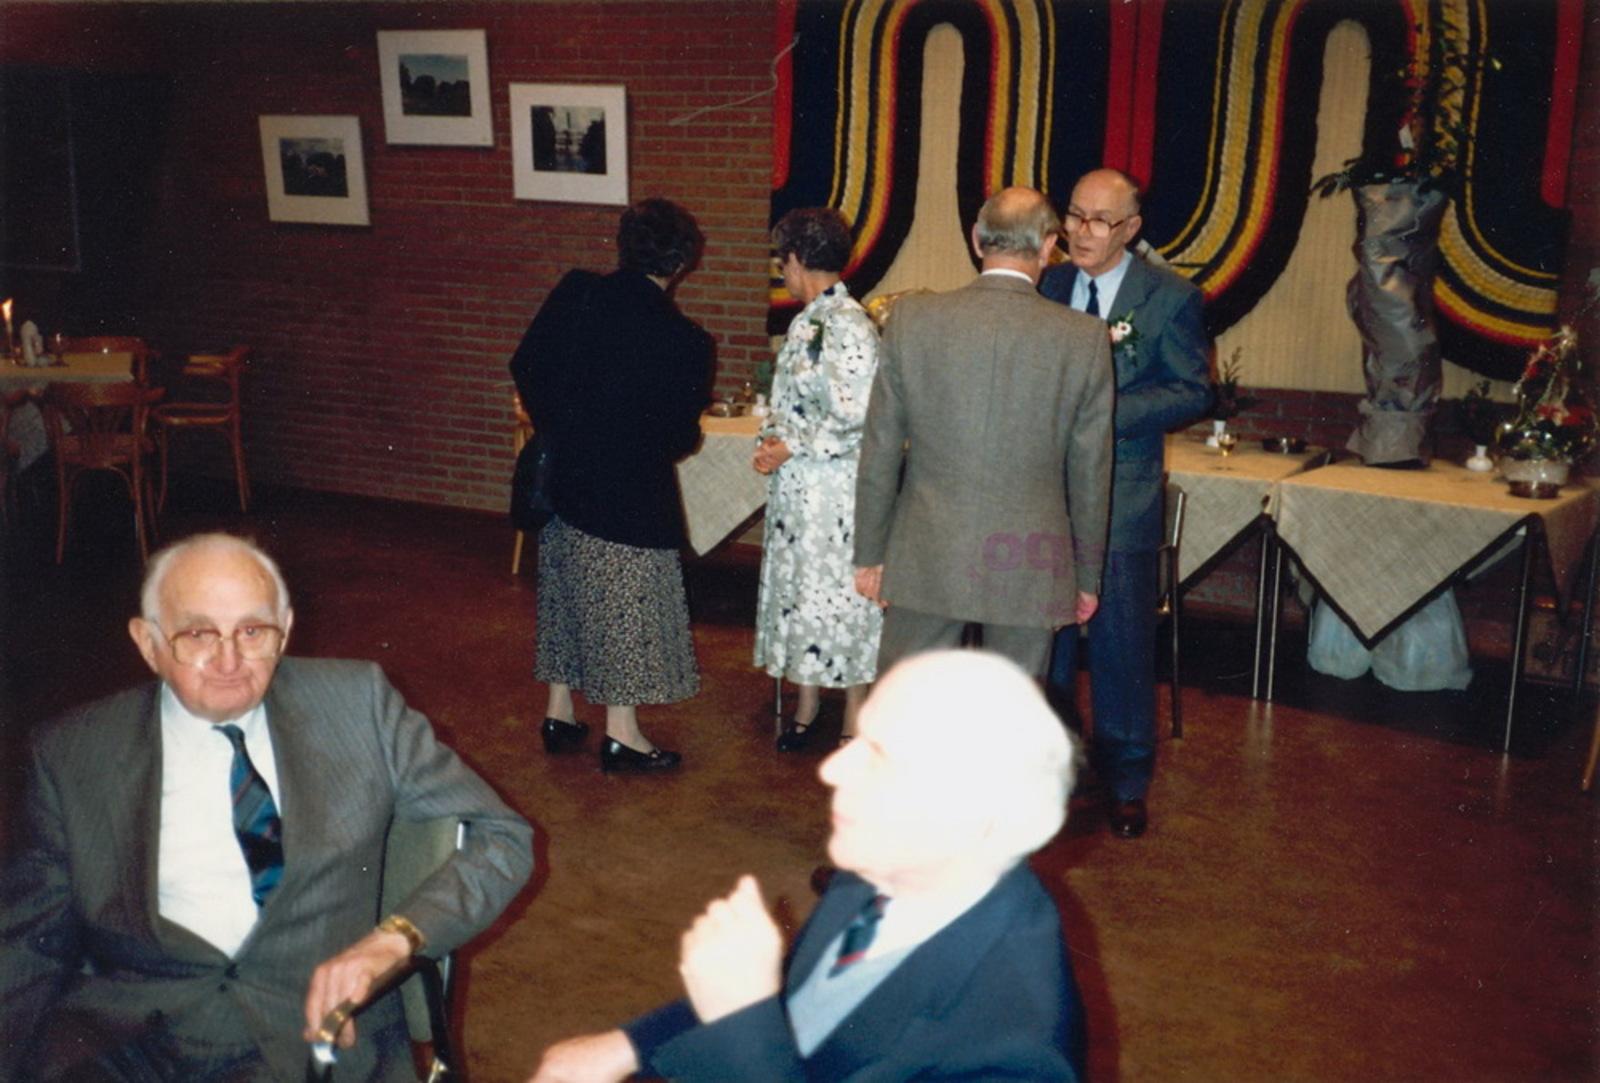 Marktlaan O 0022 1988 Sigarenboer Kraak 50jr Jub en Sluiting 85